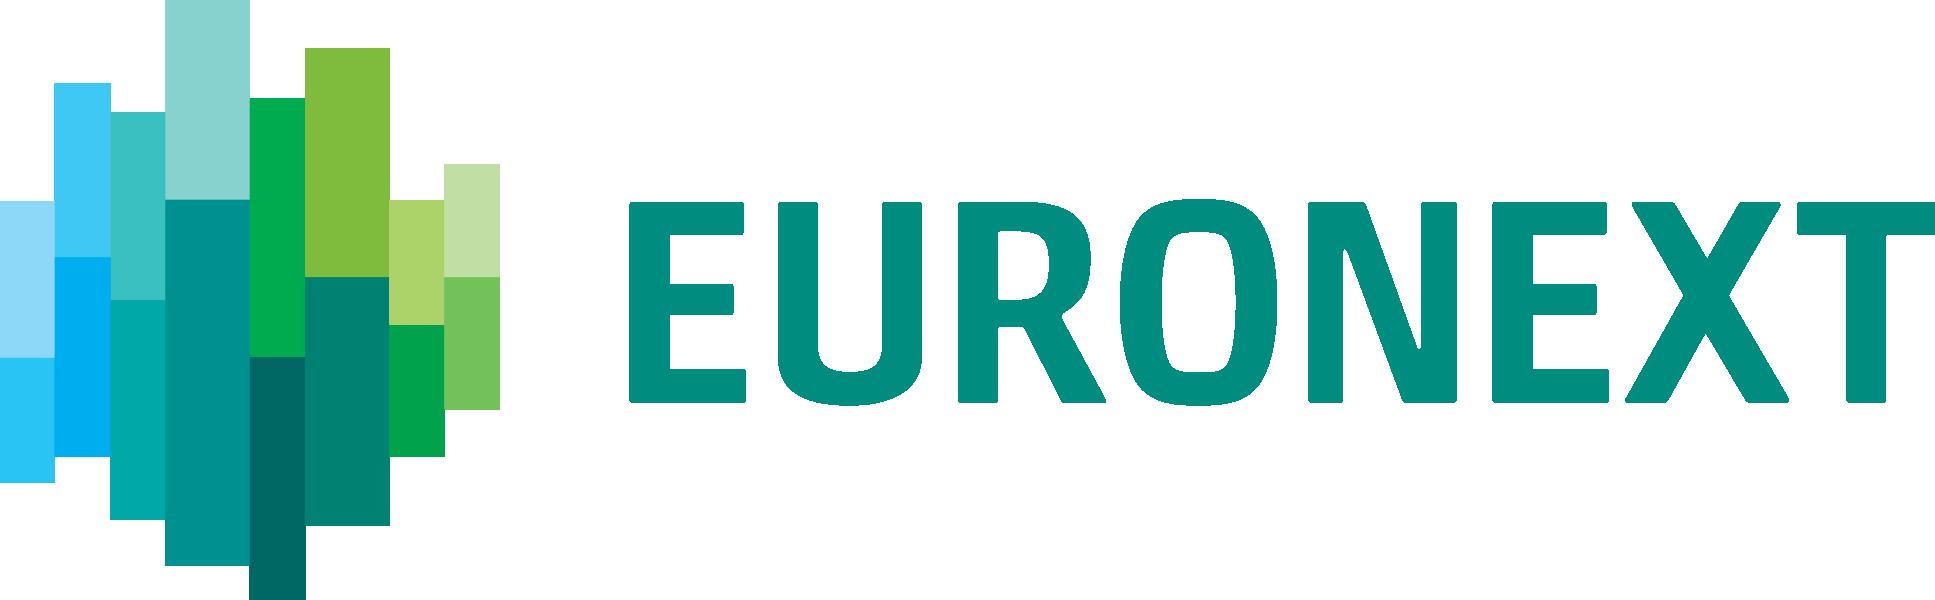 Euronext's logo